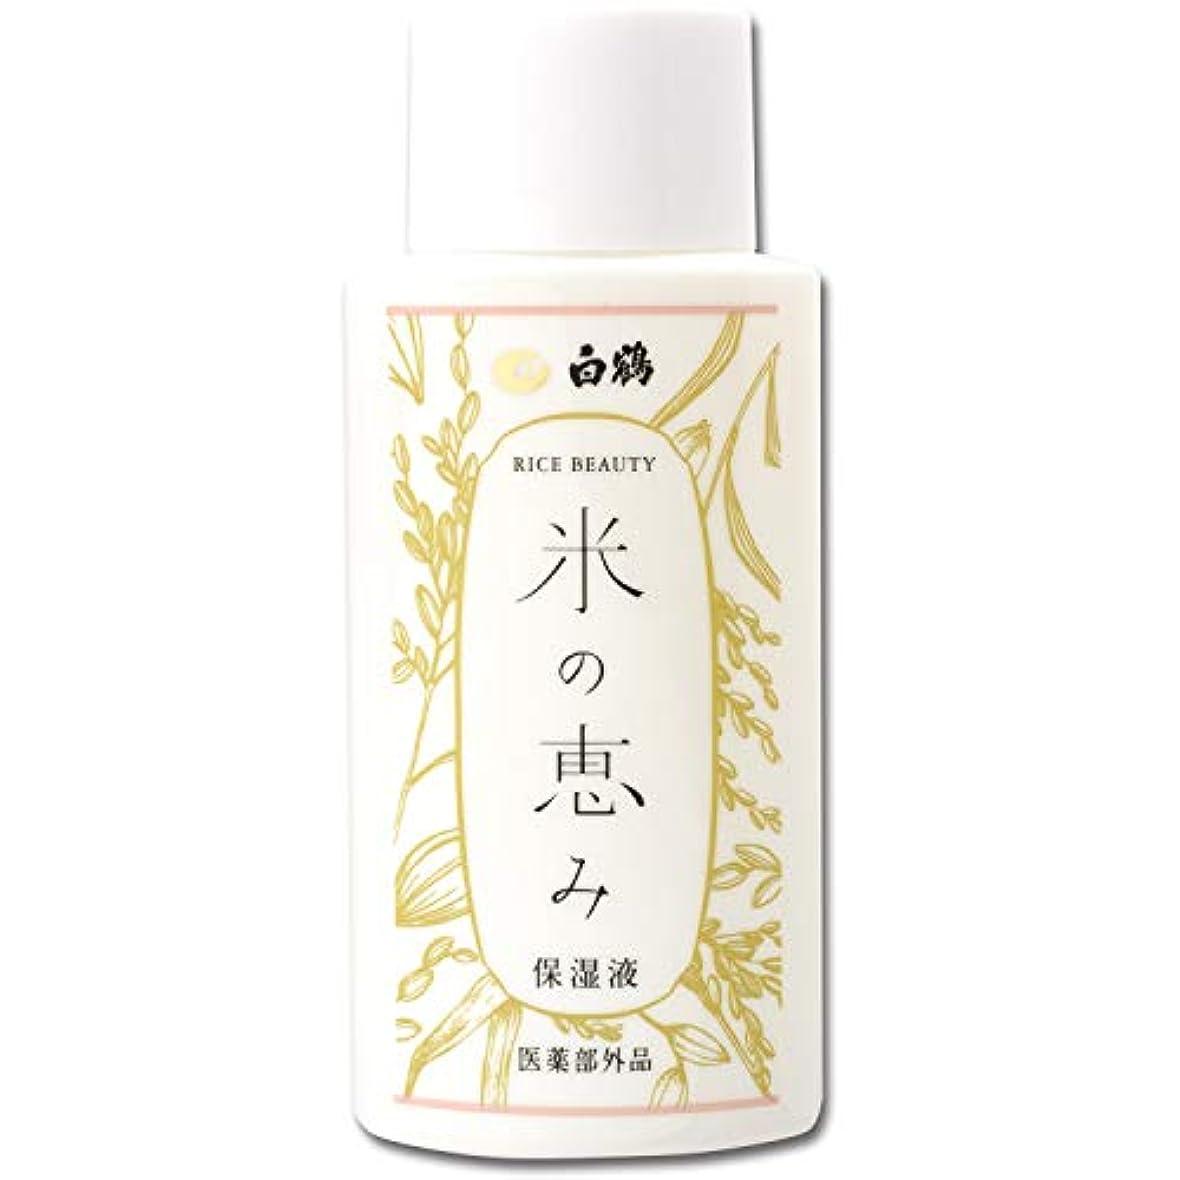 白鶴 ライスビューティー 米の恵み 保湿液 150ml(高保湿とろみ化粧水/医薬部外品)